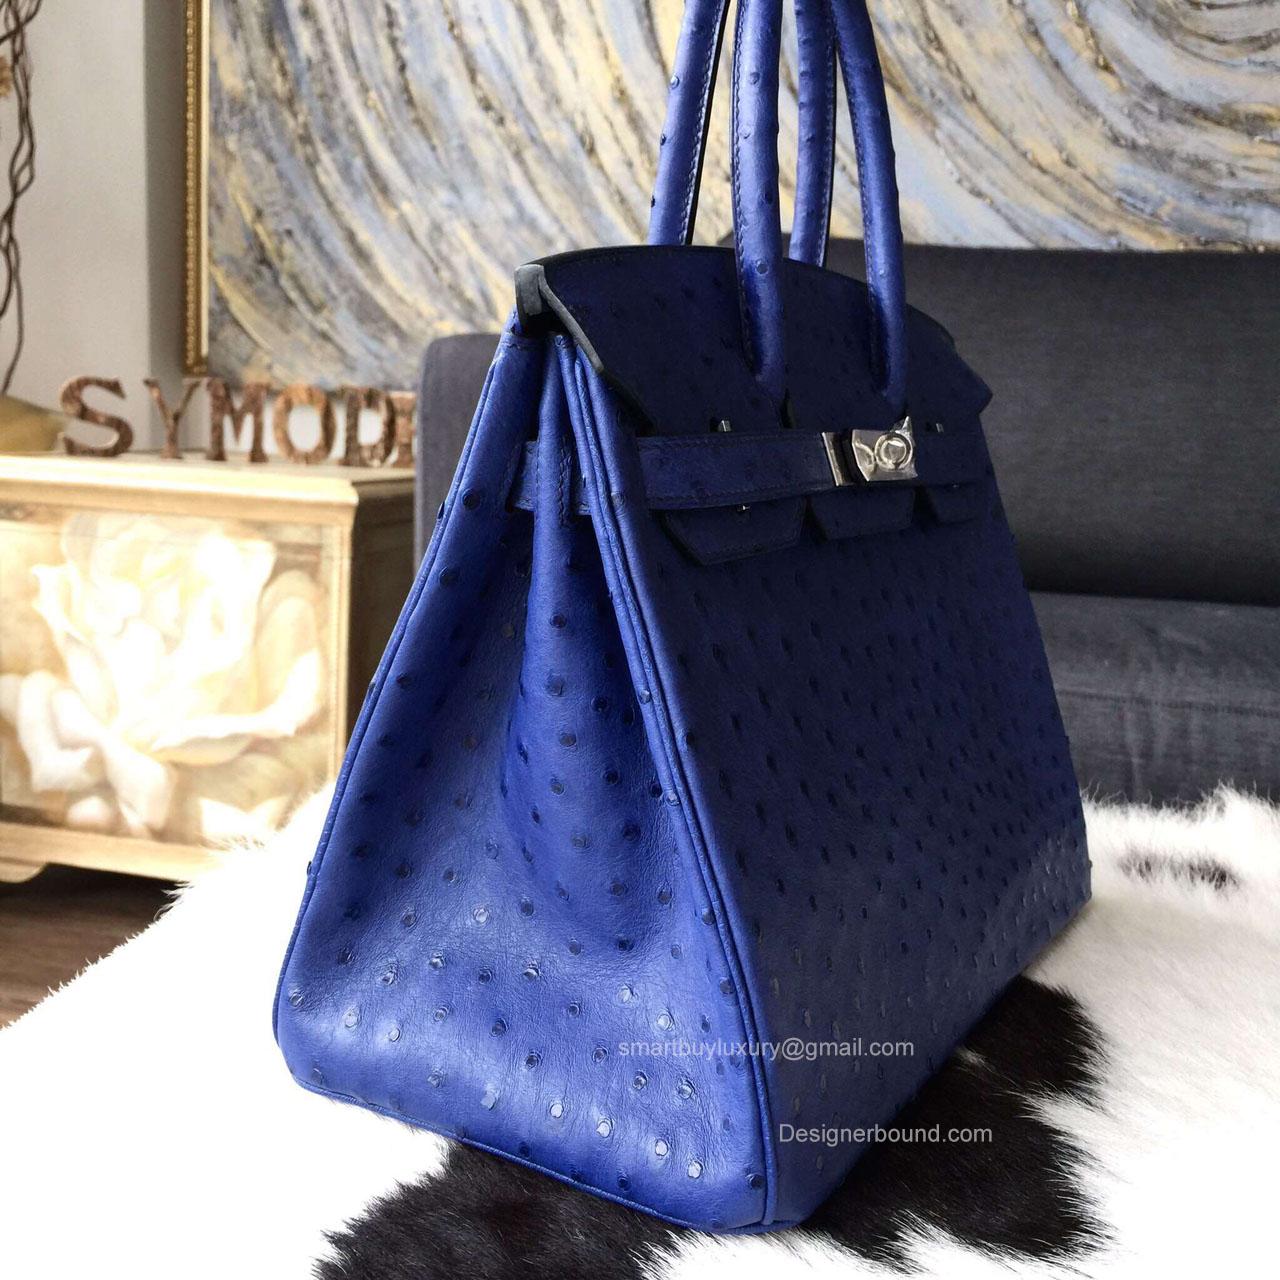 chloe bag online - hermes ostrich birkin 35, where to buy hermes bags